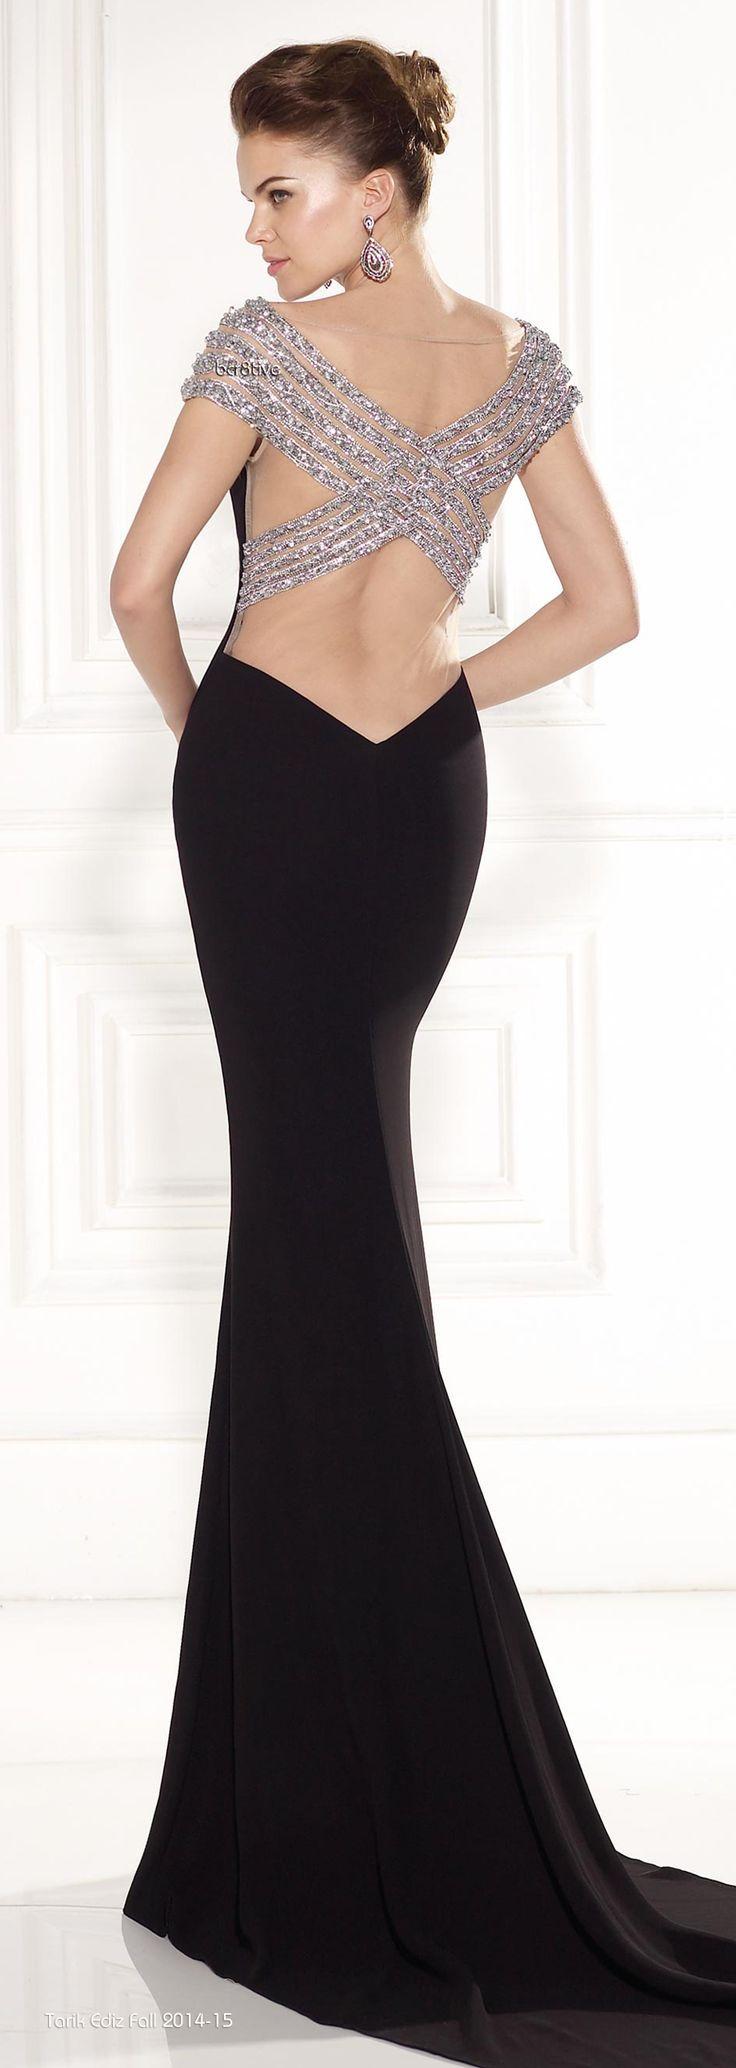 50c3045089e Haute Couture Evening Wear Dresses - Darius Cordell Fashion Ltd ...